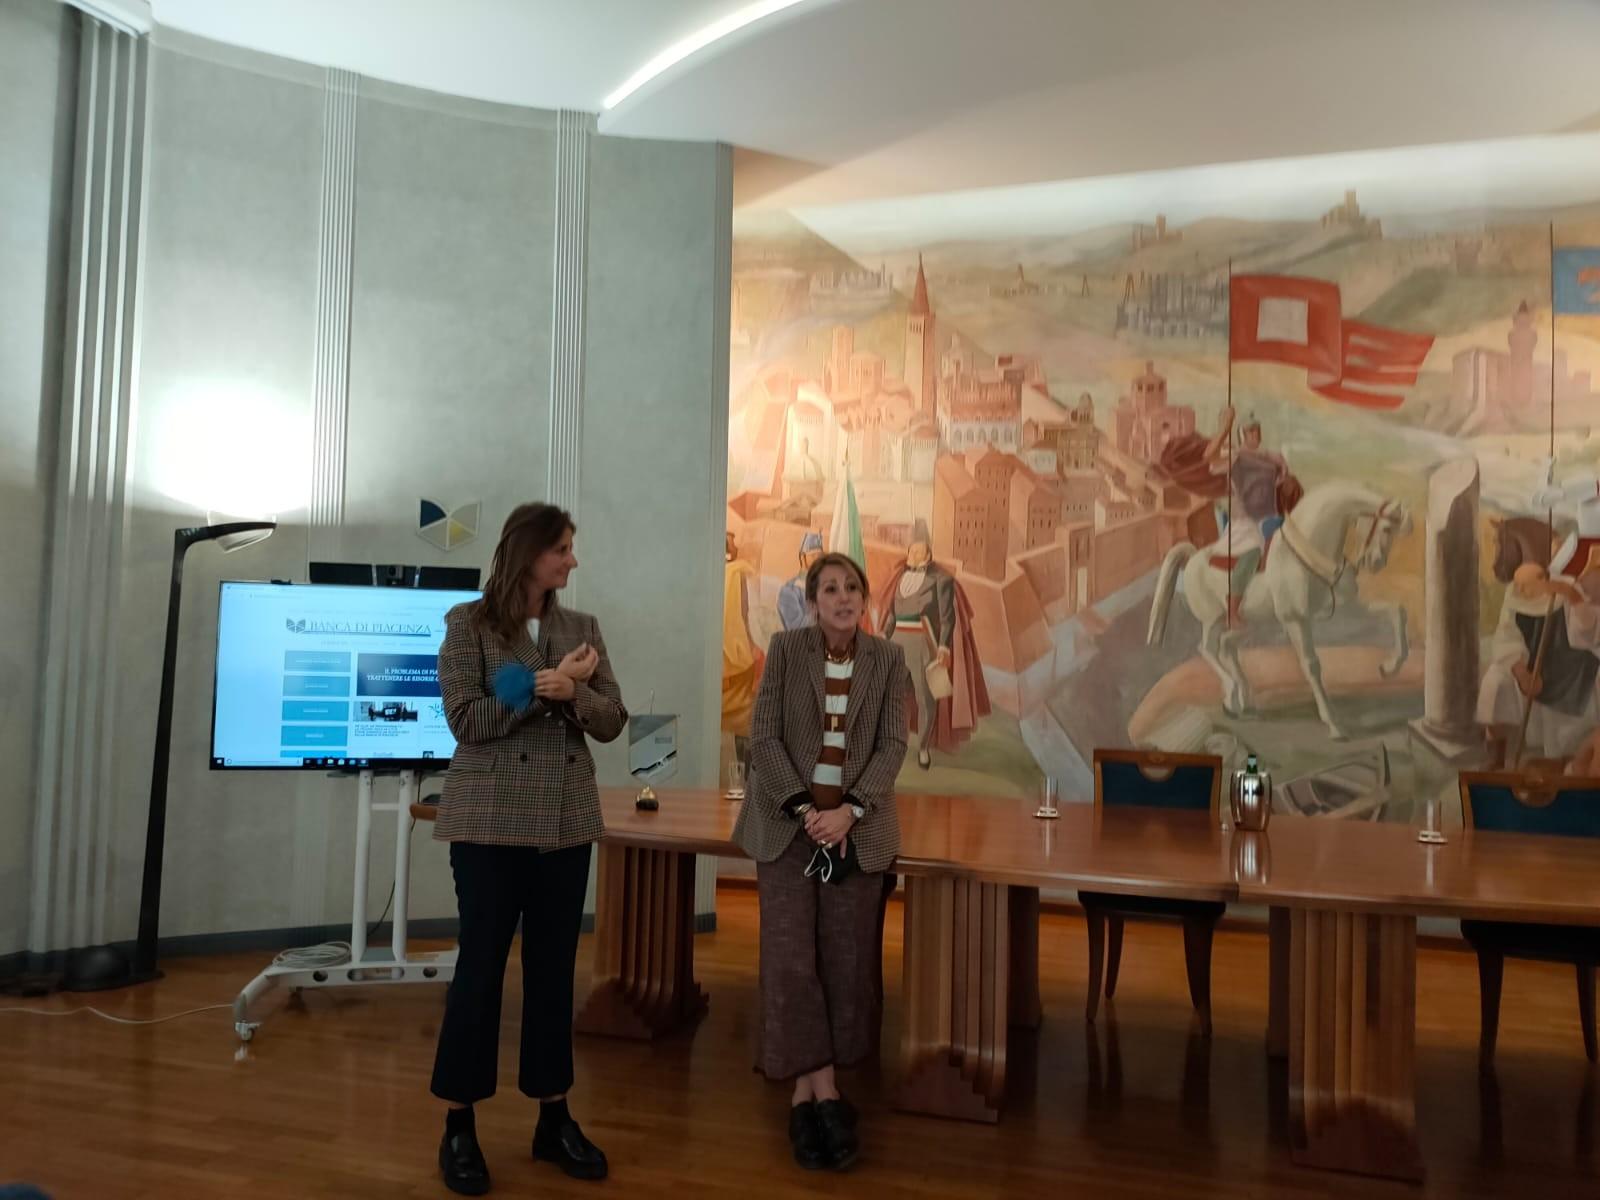 Presentazione-Spot-banca-Piacenza_3